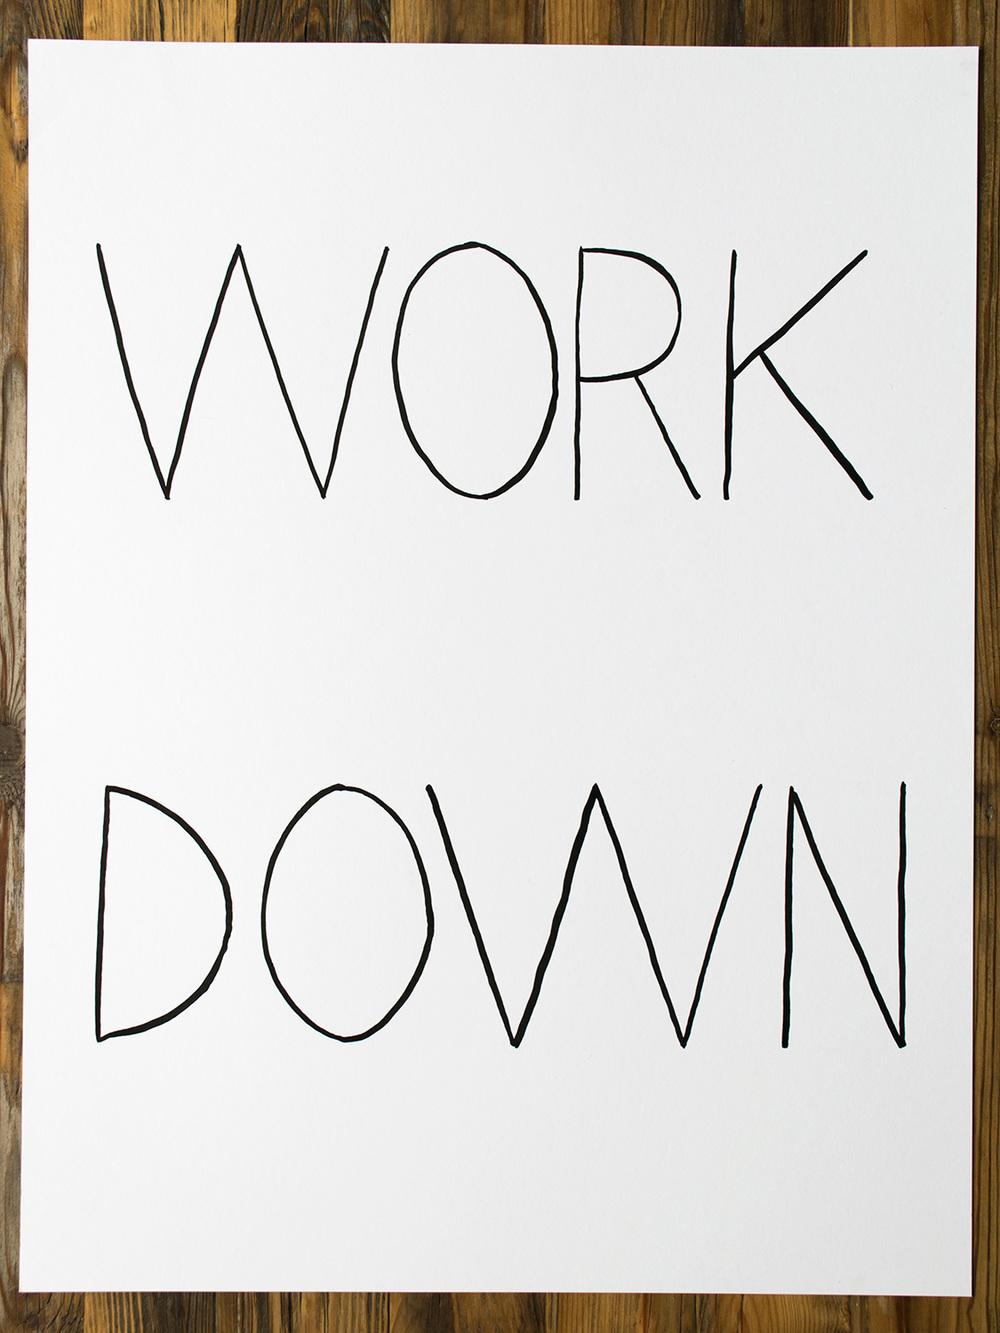 work_down-1500x1125.jpg